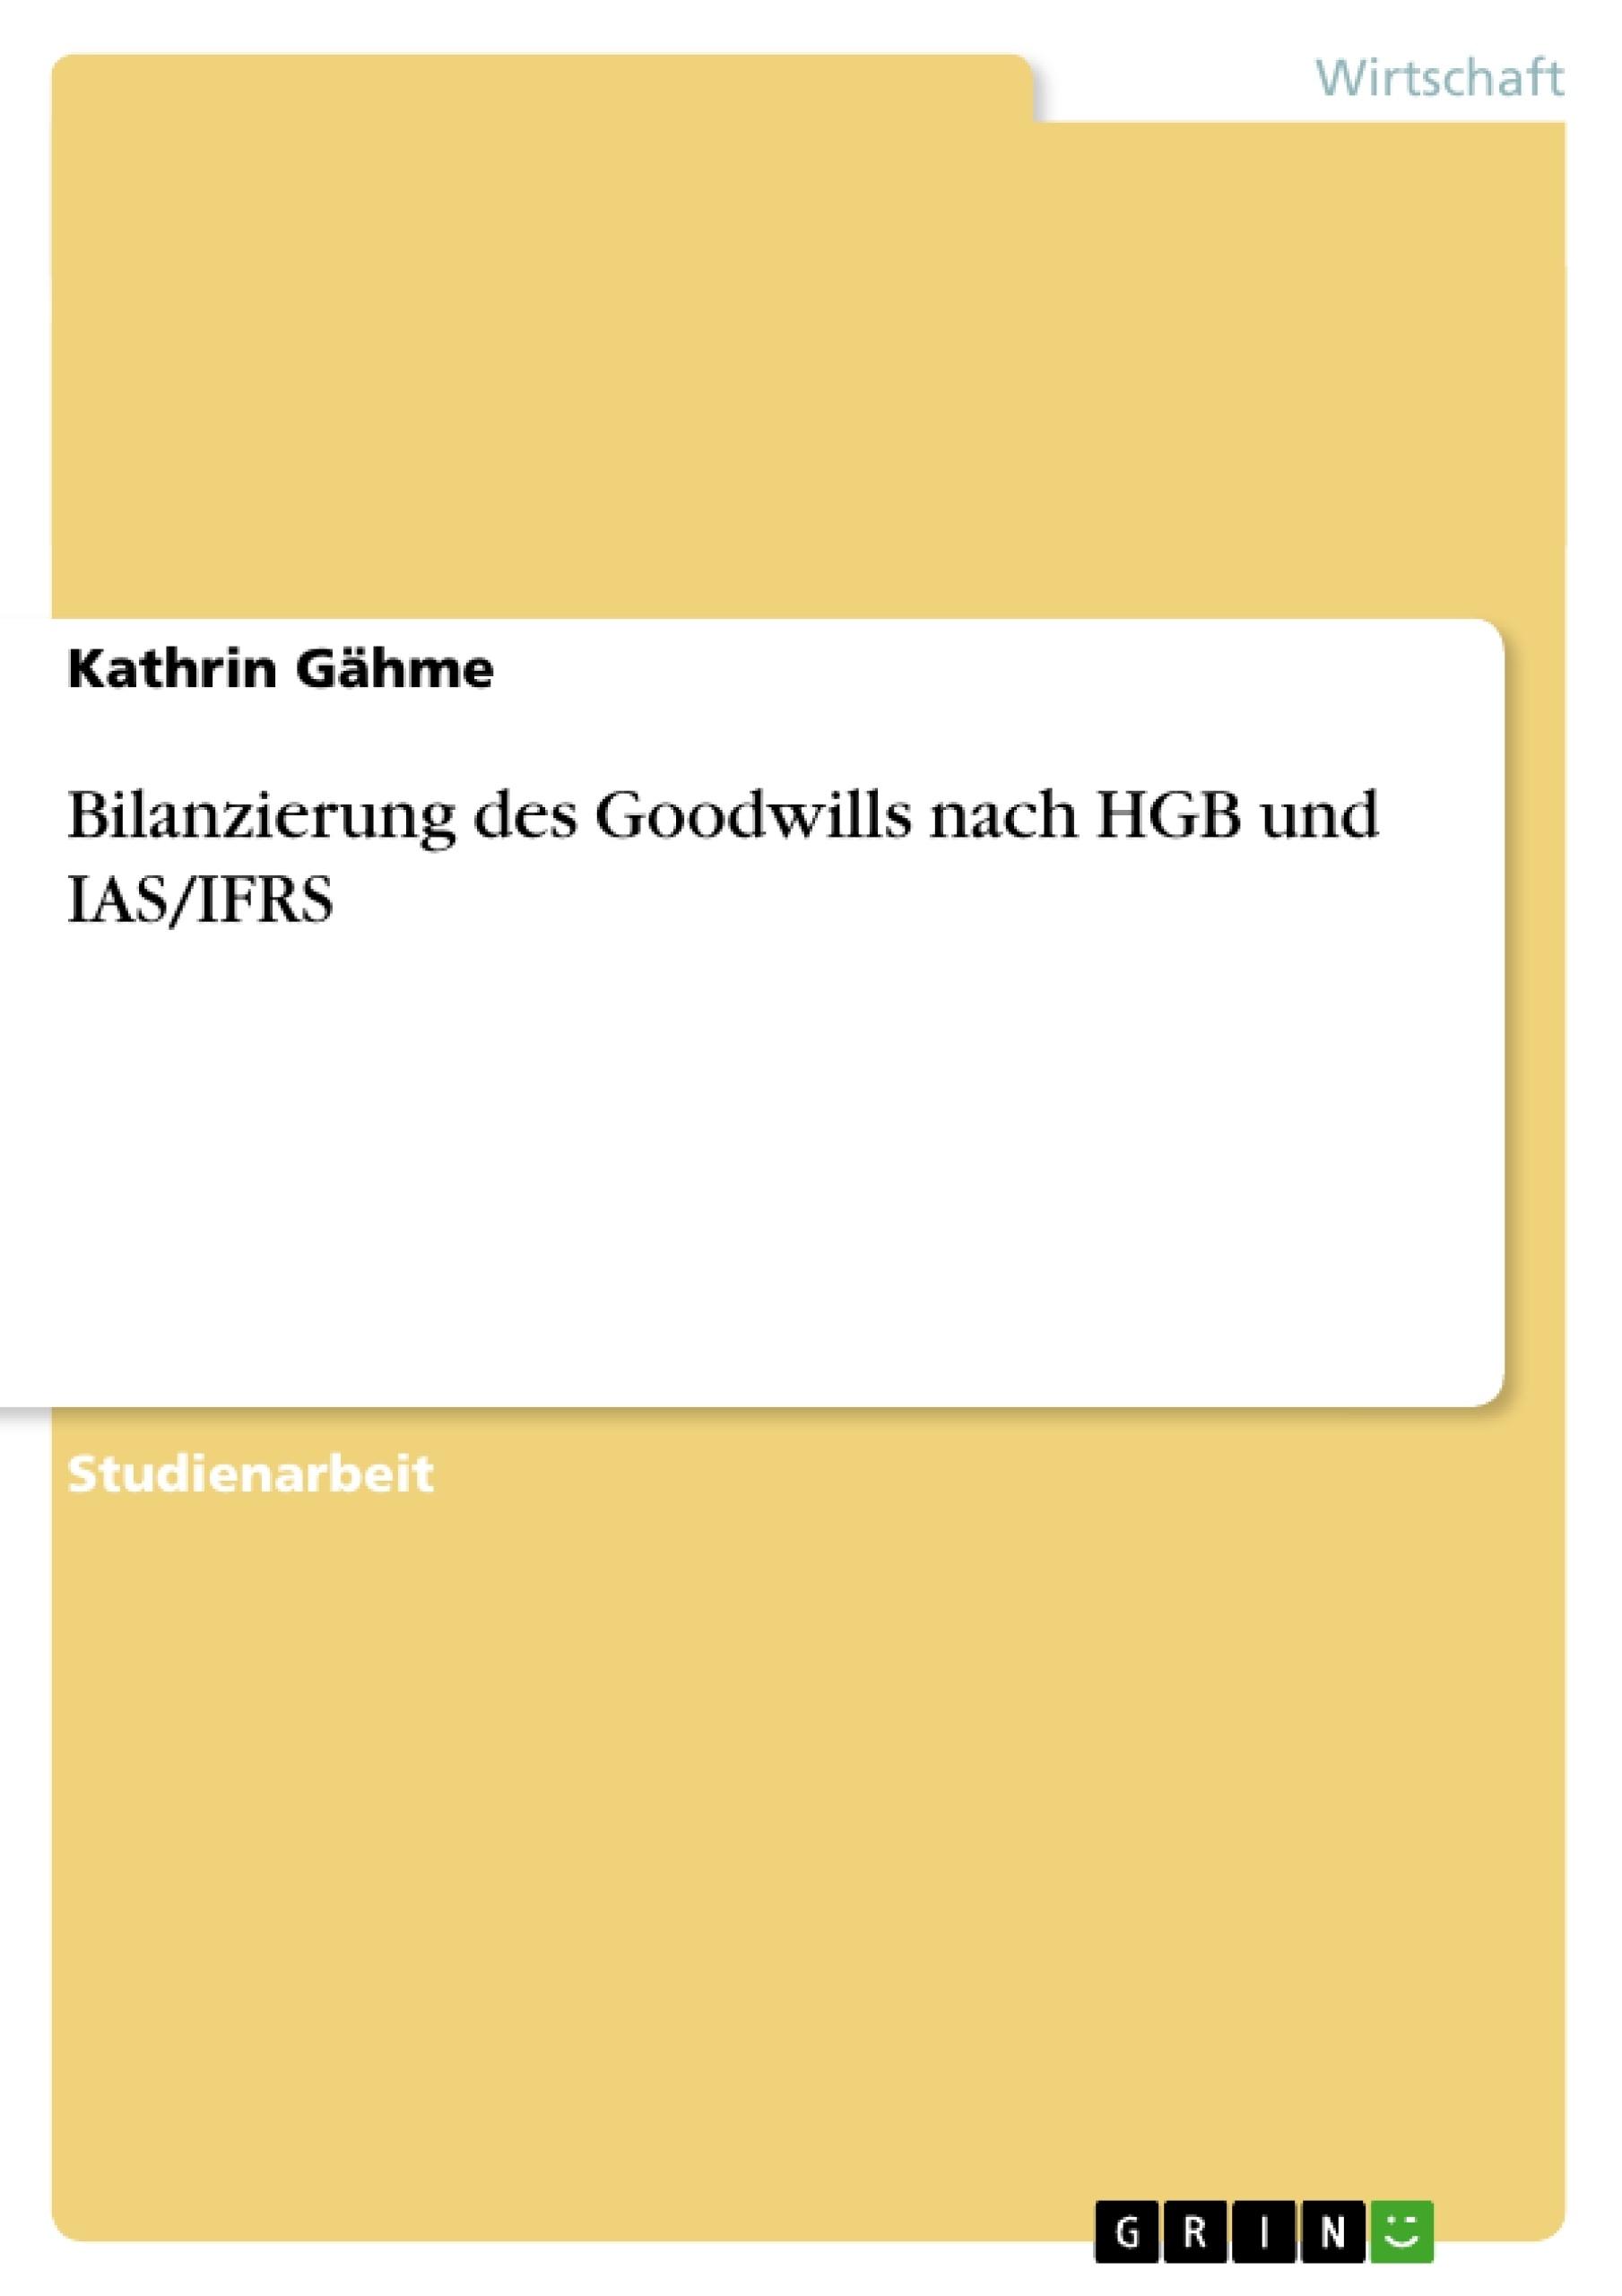 Titel: Bilanzierung des Goodwills nach HGB und IAS/IFRS